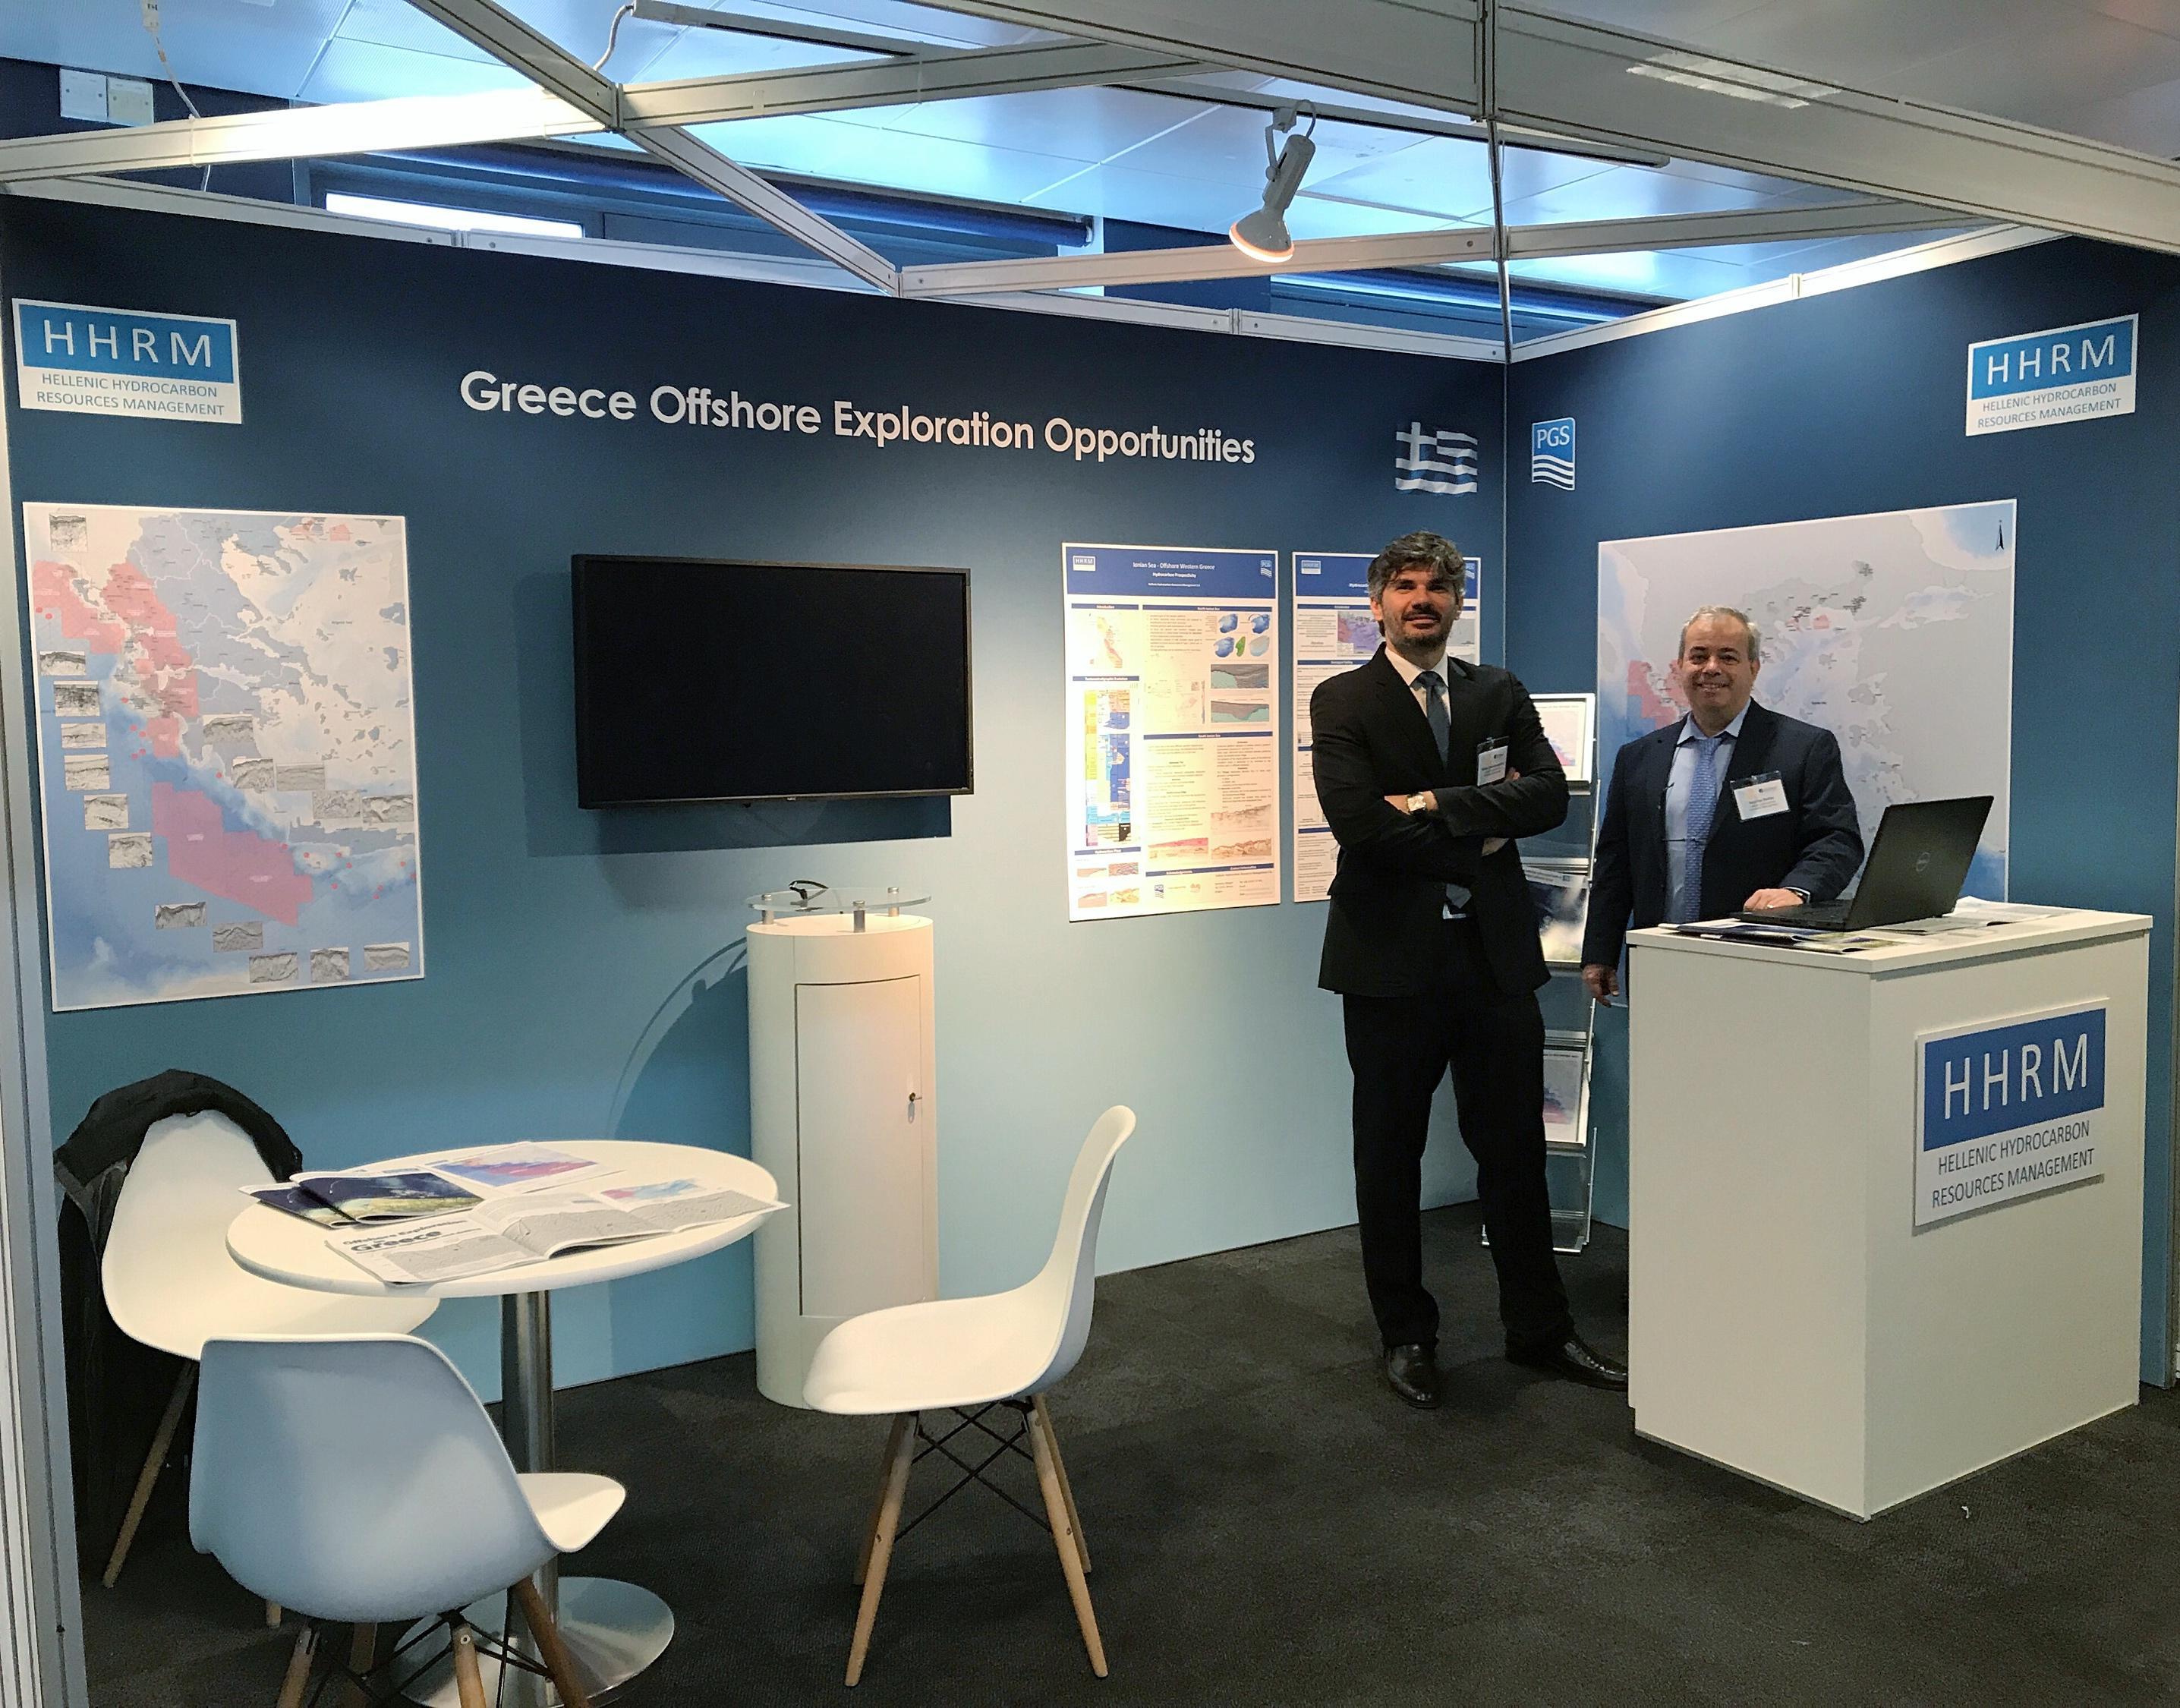 ΕΔΕΥ: Συμμετοχή στην ετήσια διεθνή έκθεση Global APPEX 2019